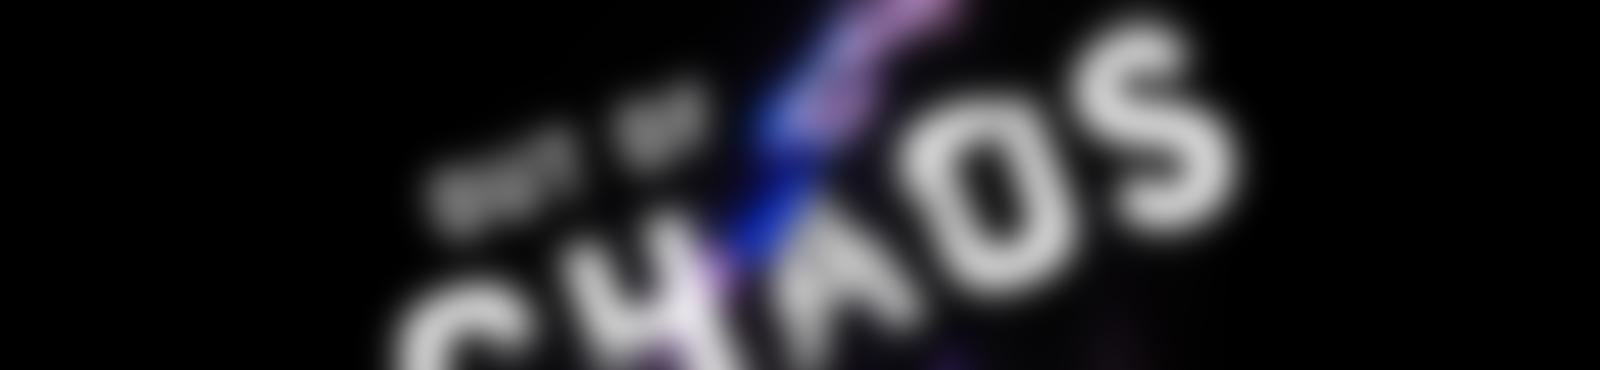 Blurred d1ac5284 ab96 4f97 9a6d 93528f4f43f9